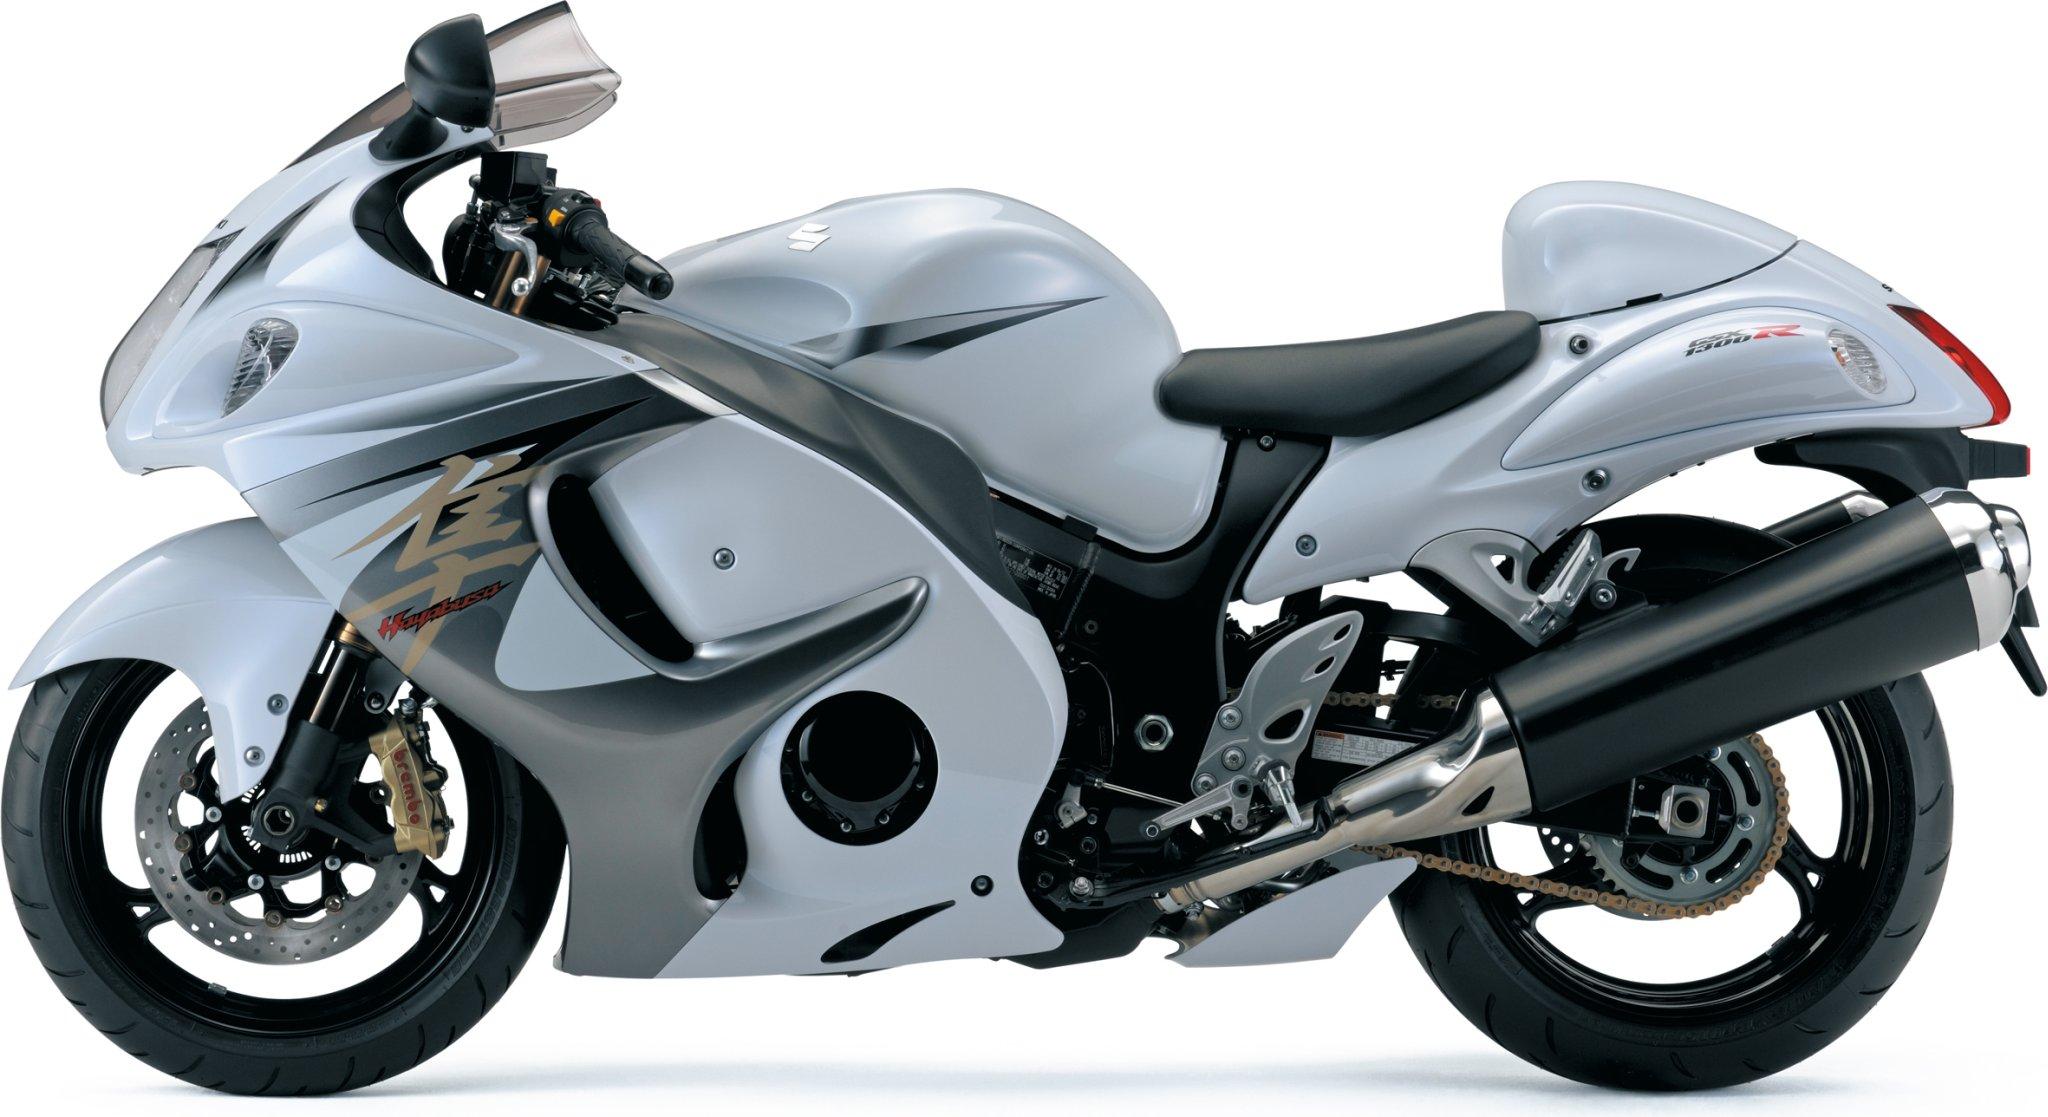 Gebrauchte Suzuki GSX 1300 R Hayabusa Motorräder kaufen  Gebrauchte Suzu...